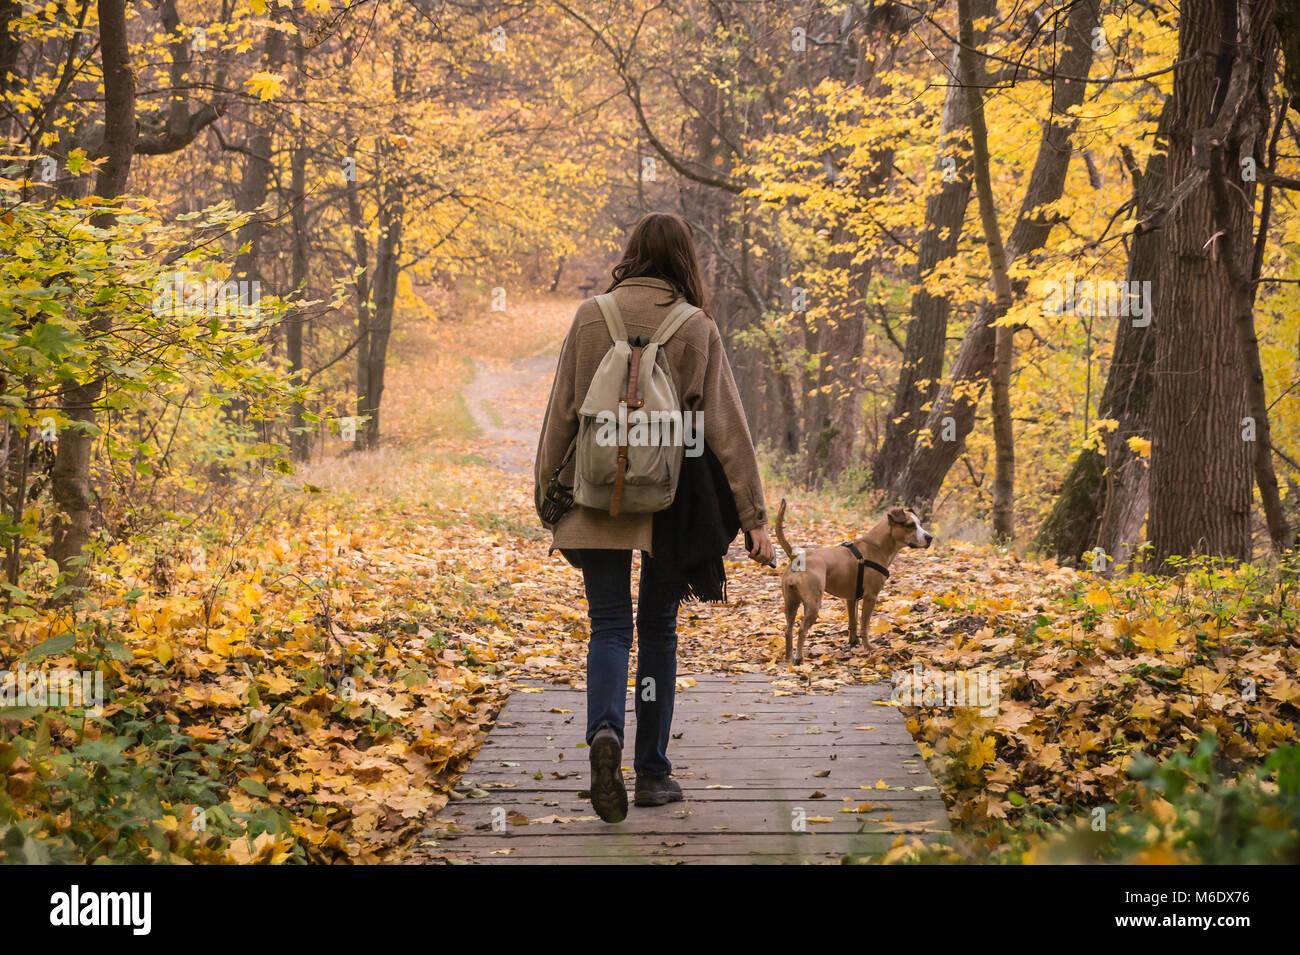 Junge weibliche Person und ihr Haustier Staffordshire Terrier einen Spaziergang in den Wald und schönen Oktober Stockbild